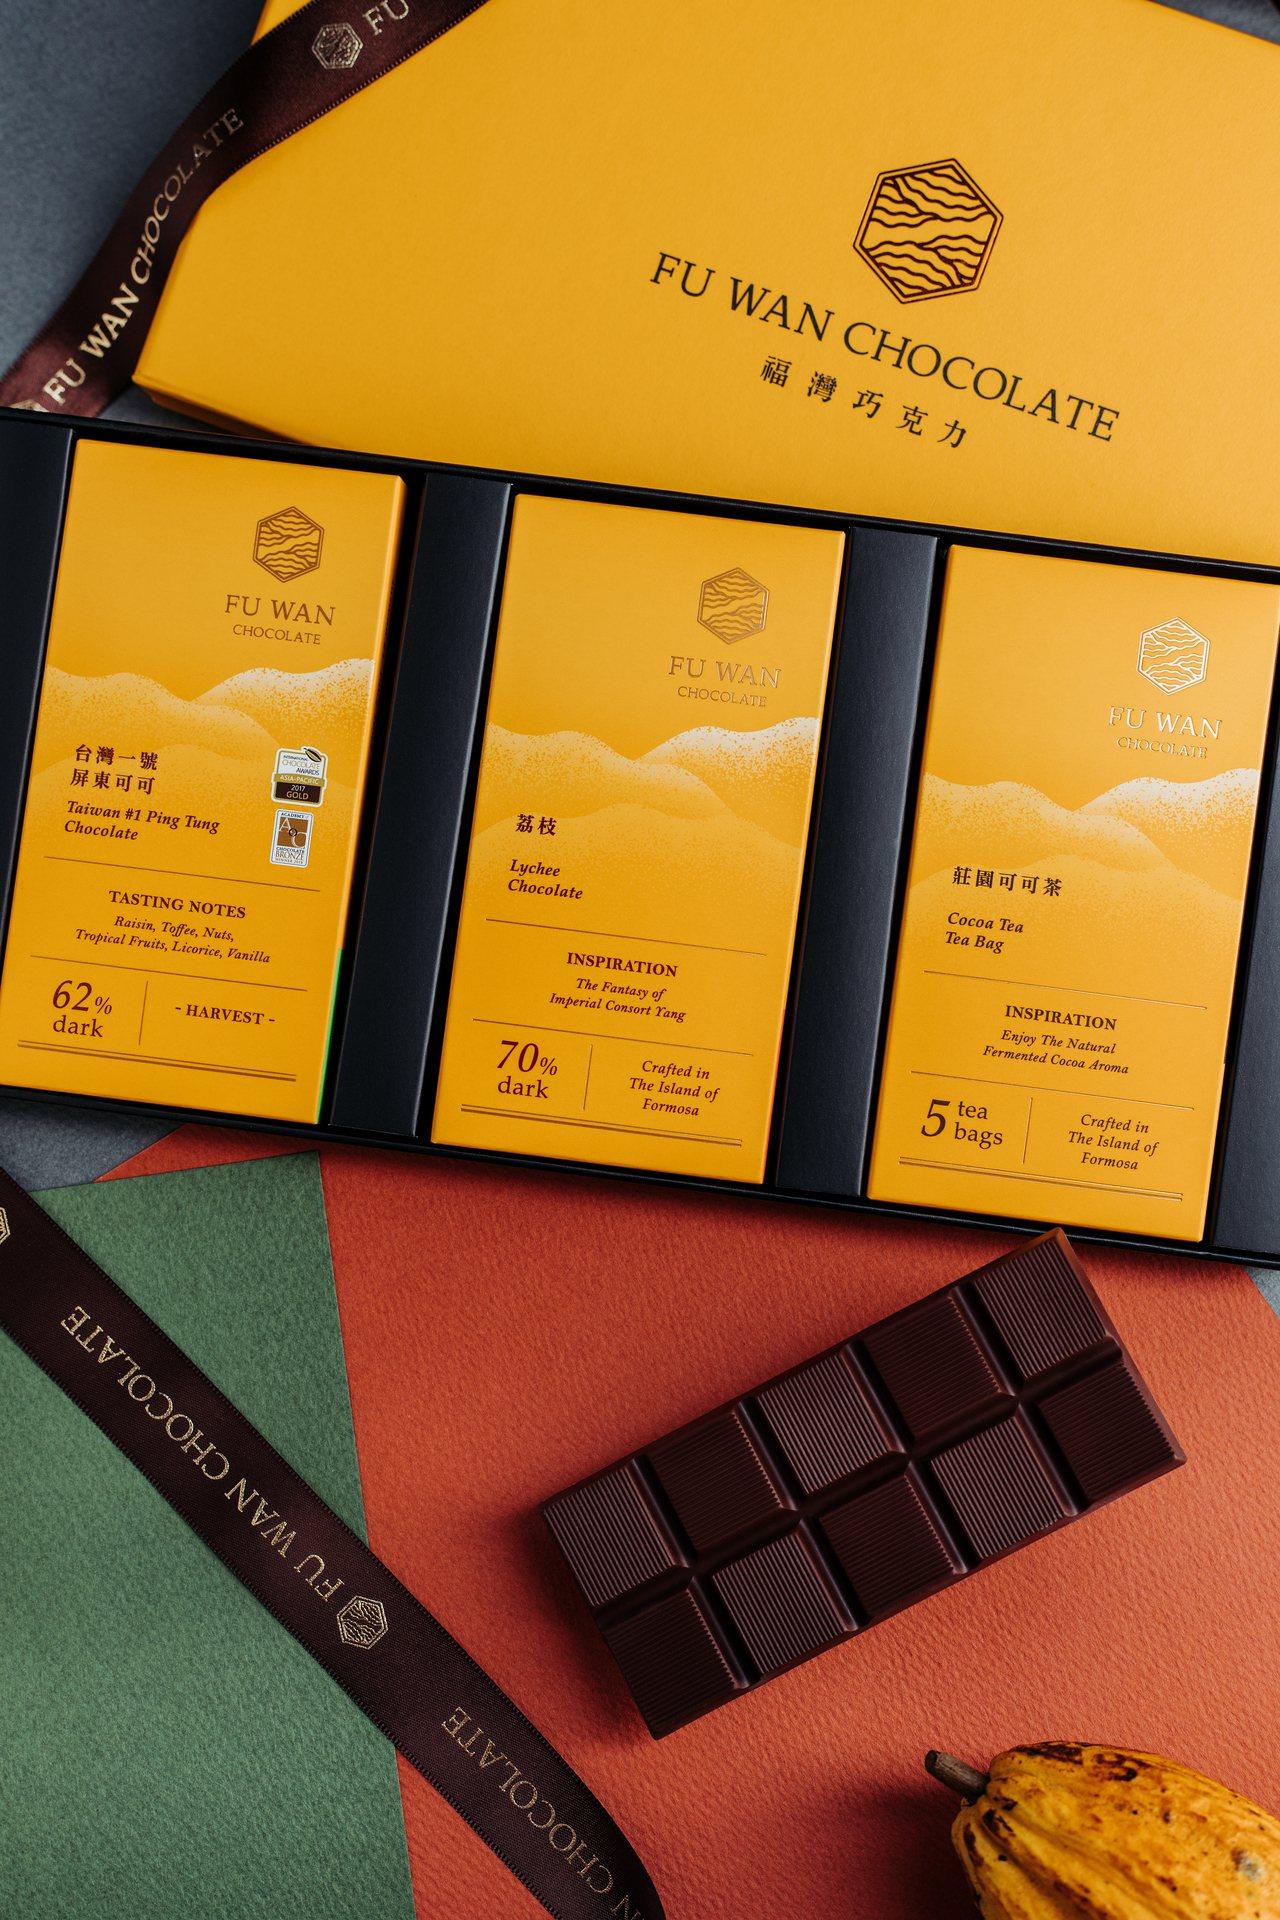 福灣巧克力致力將東方迷人極致的可可風情傳遞到全世界。圖/福灣巧克力提供